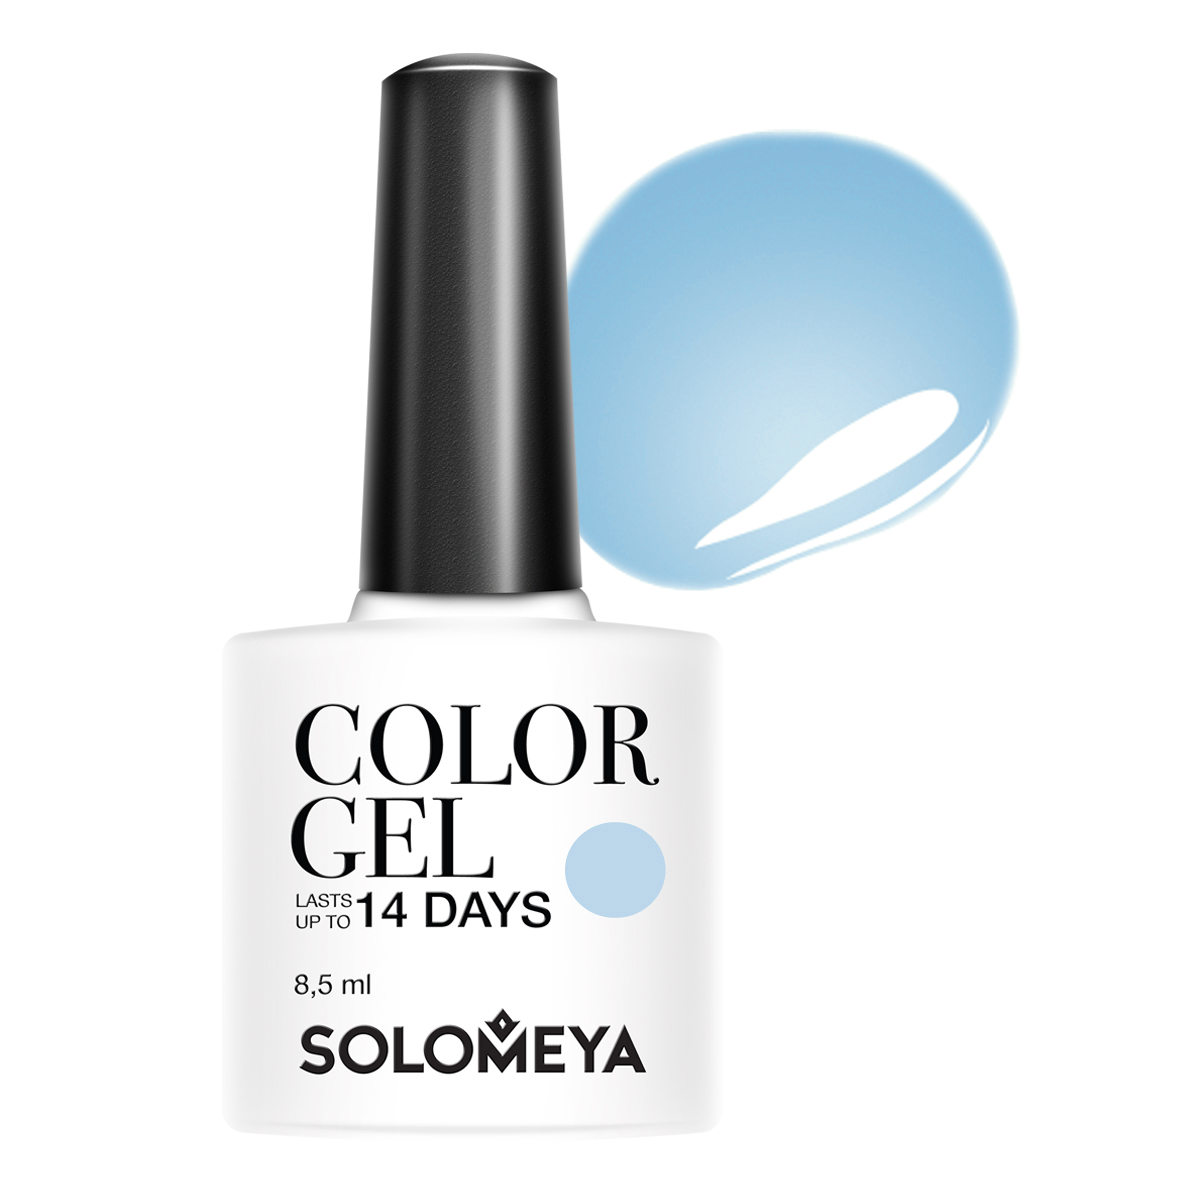 SOLOMEYA Гель-лак для ногтей SCGWB017 Амира / Color Gel Amira 8,5 мл